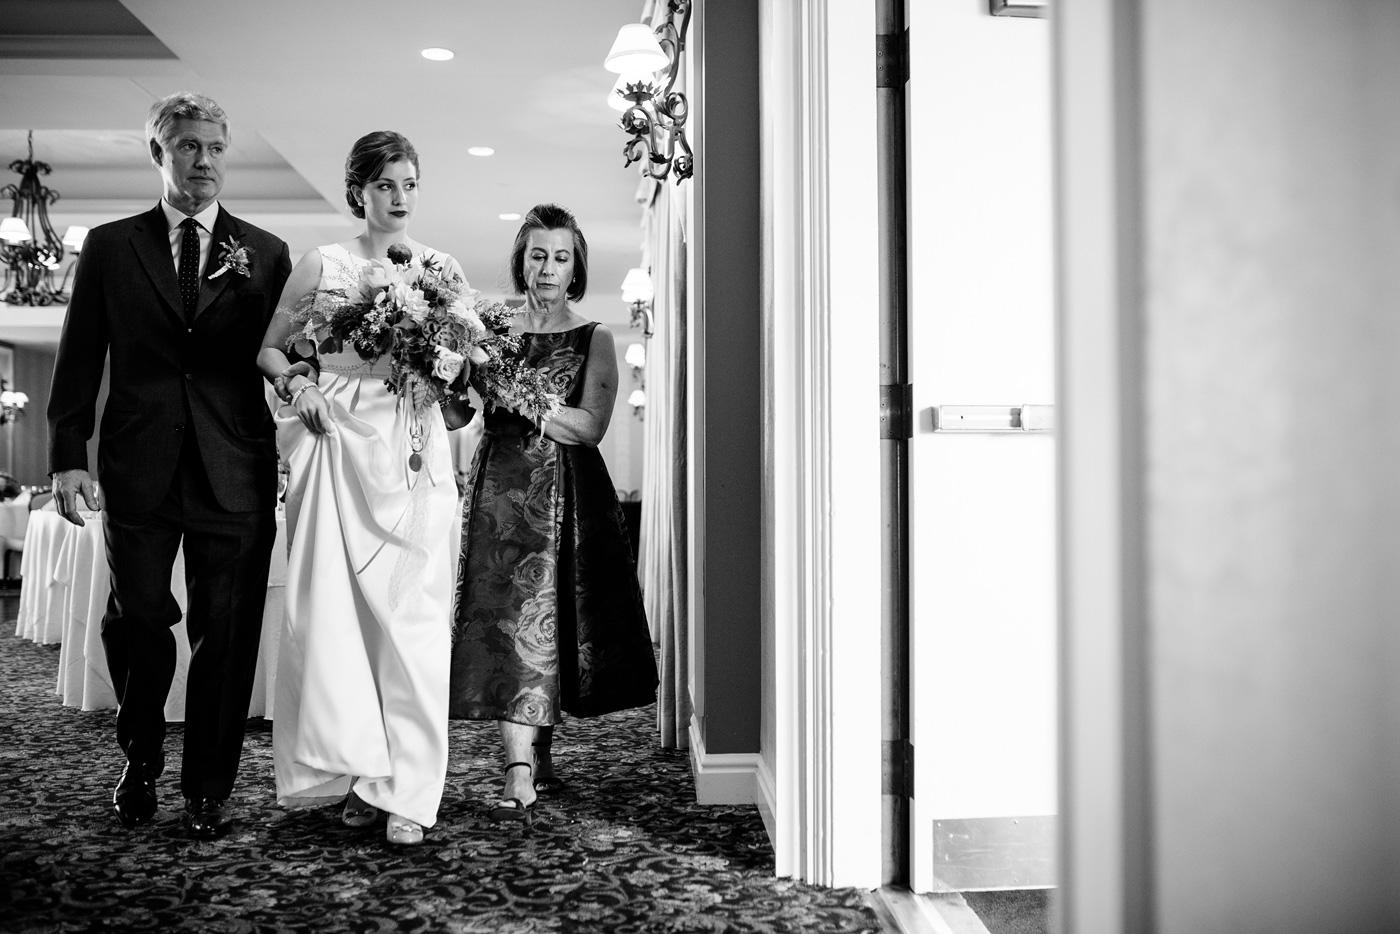 brides parents walking daughter down the aisle